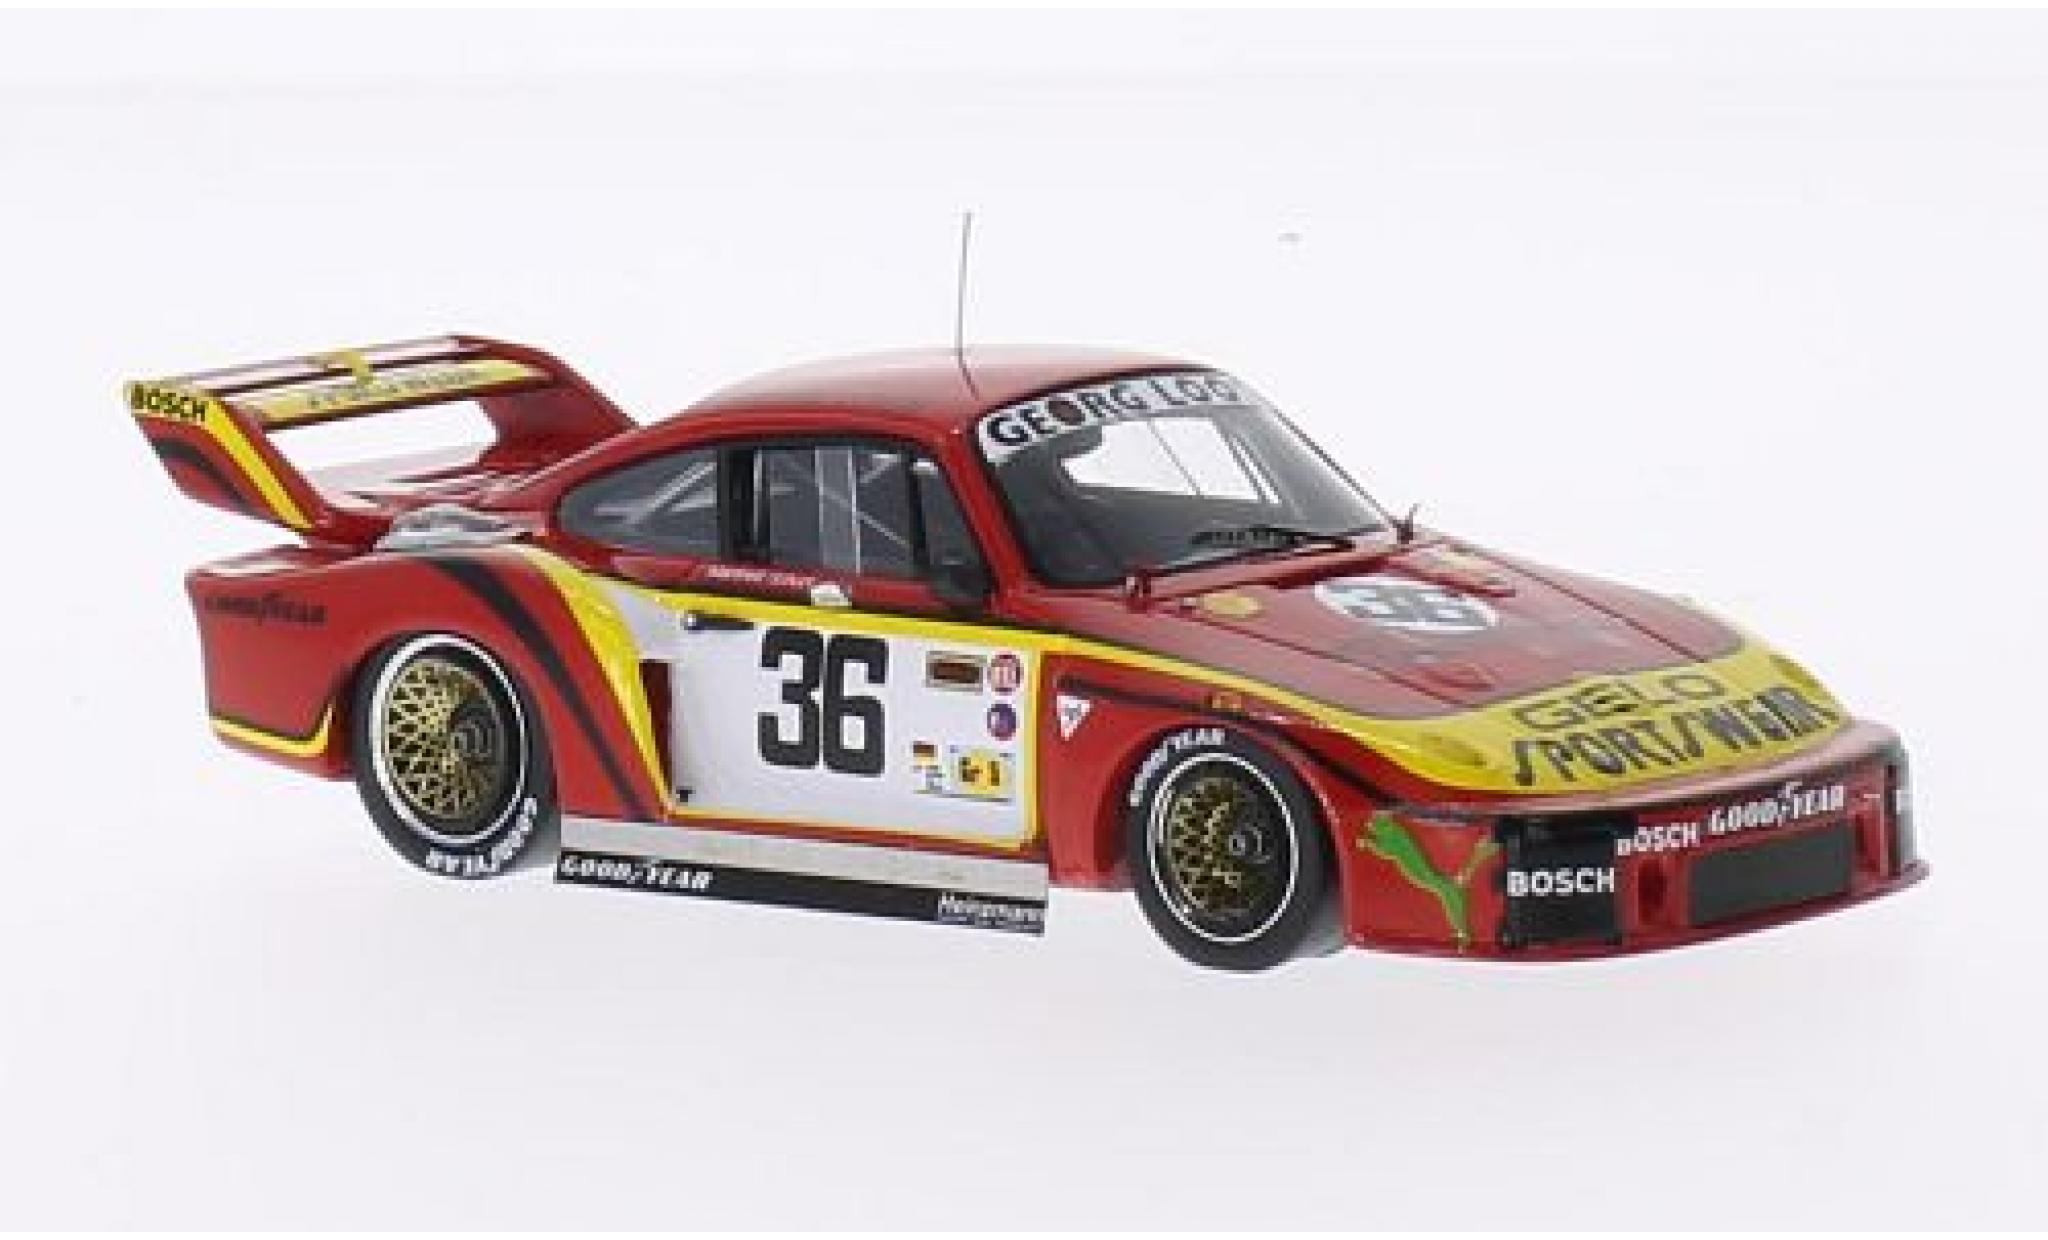 Porsche 935 1/43 Spark No.36 Georg Loos Gelo Sportswear 24h Le Mans 1979 M.Schurti/H.Heyer